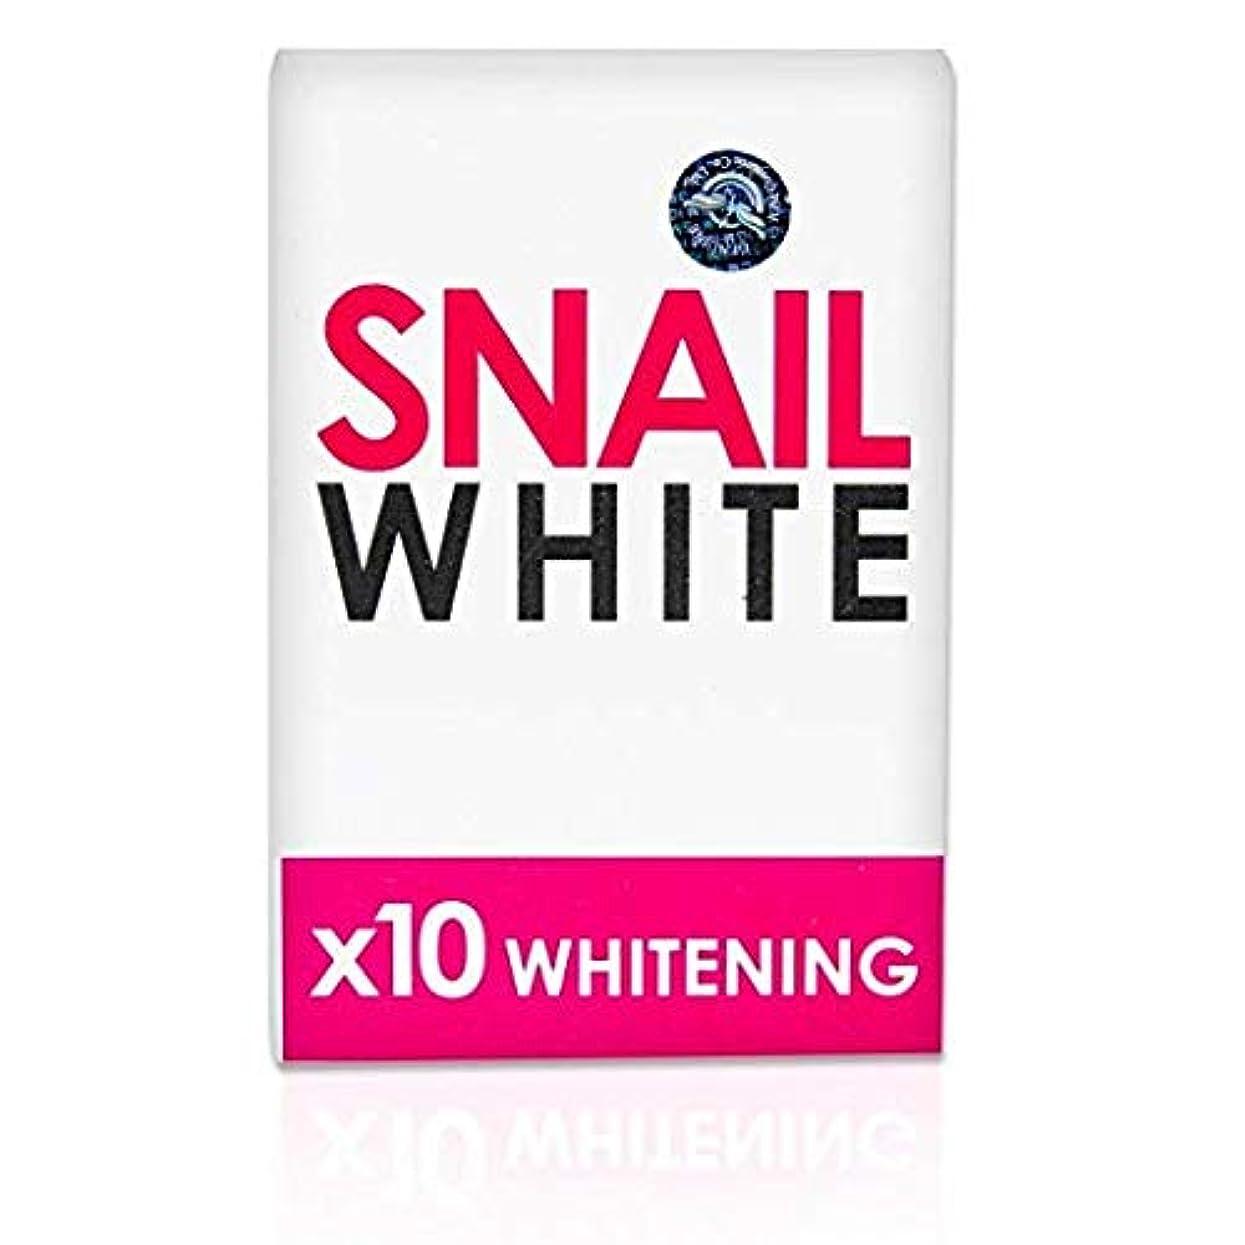 類推してはいけないトムオードリーススネイルホワイト Gluta Snail White x10 Whitening by Dream ホワイトニング 固形石鹸 2個